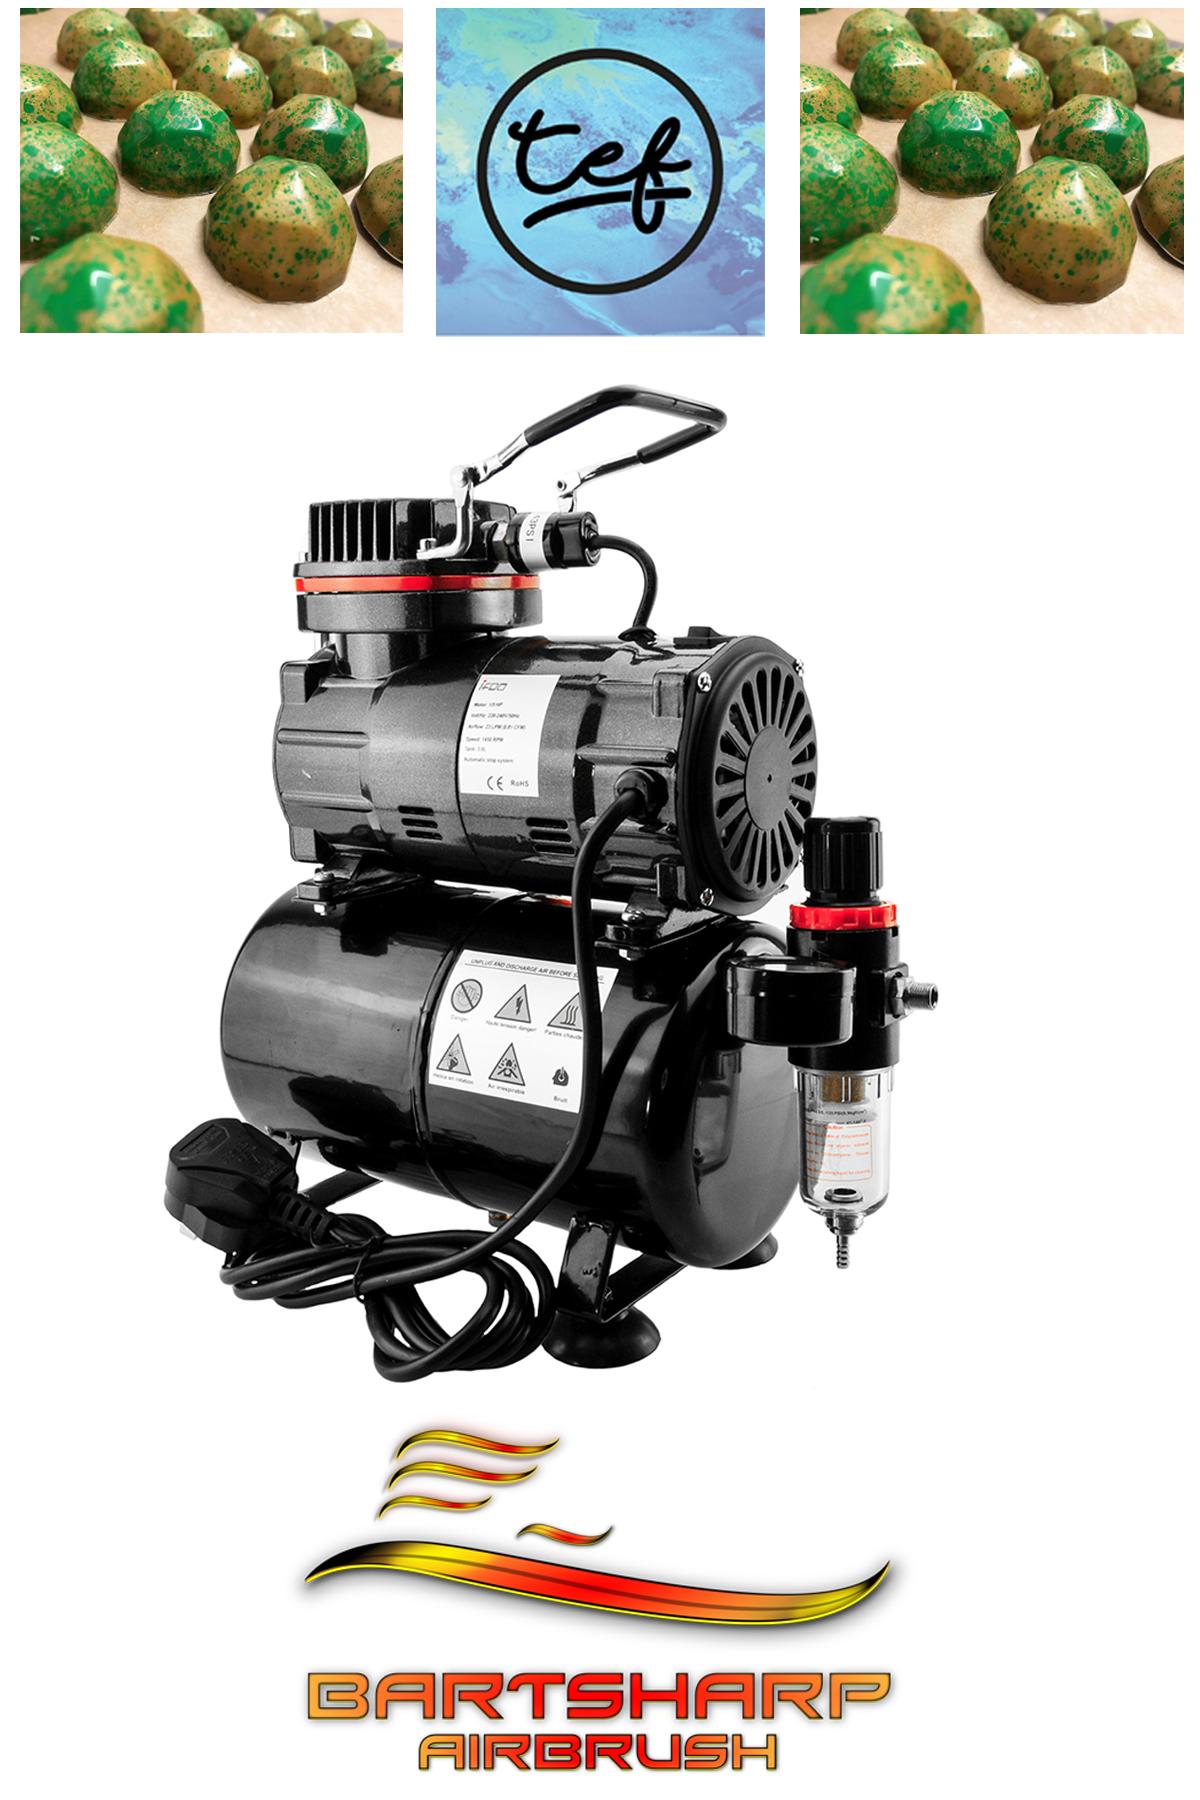 Compressor TC80T Compressor, Airbrush, Water traps